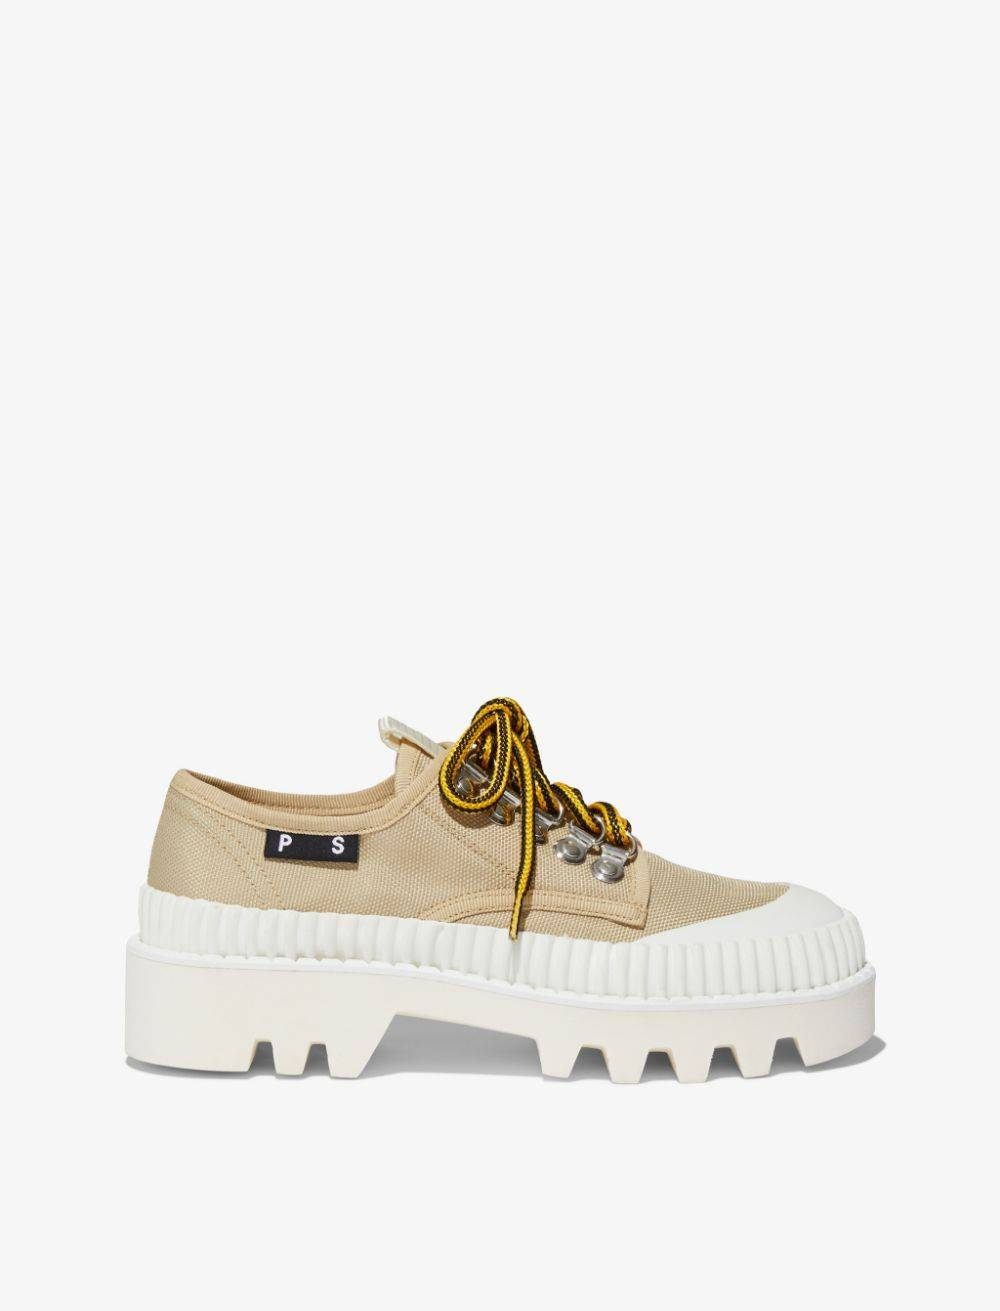 Proenza Schouler City Lug Sole Shoes beige + white/neutrals 35